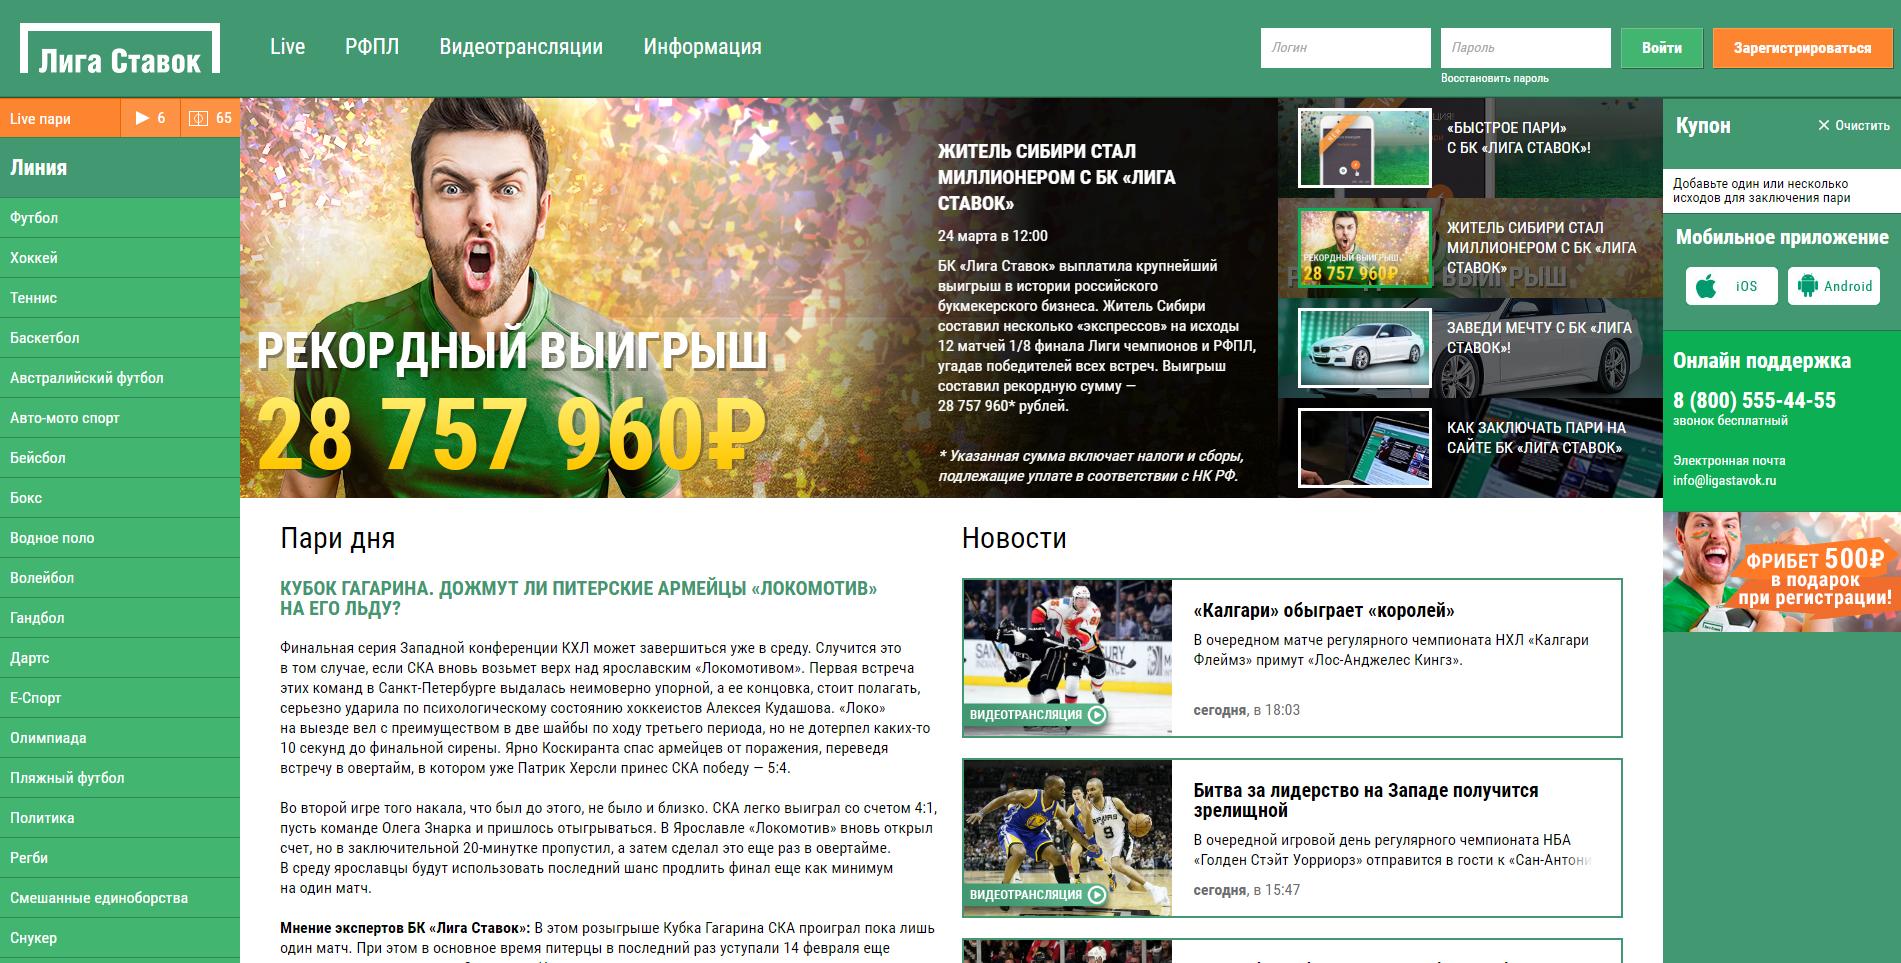 Официальный сайт букмекерской конторы Лига Ставок